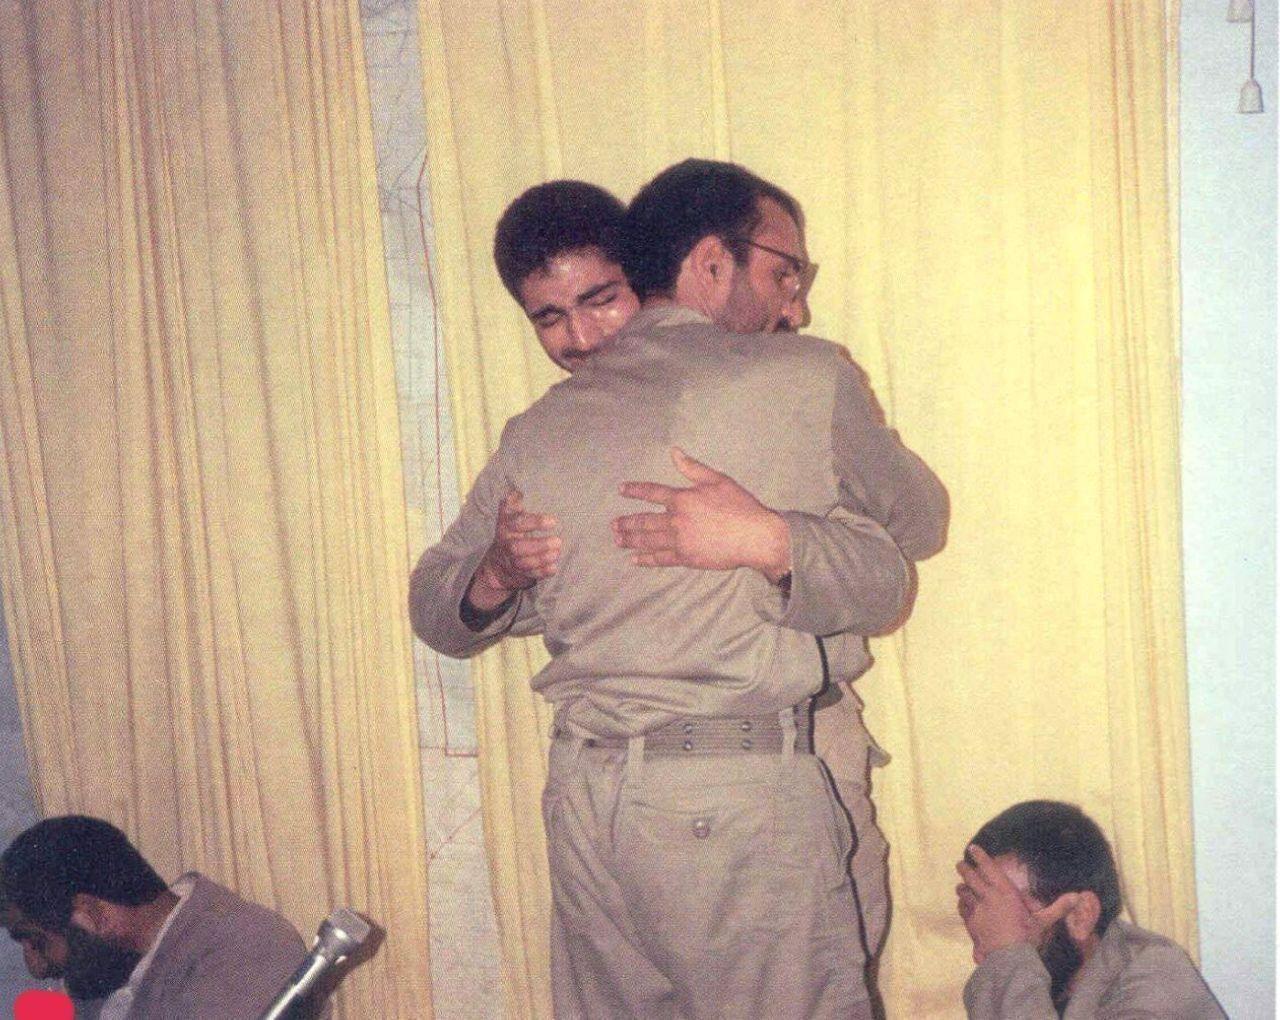 تصویری دیده نشده از لحظه وداع سردار شهید حاج قاسم سلیمانی